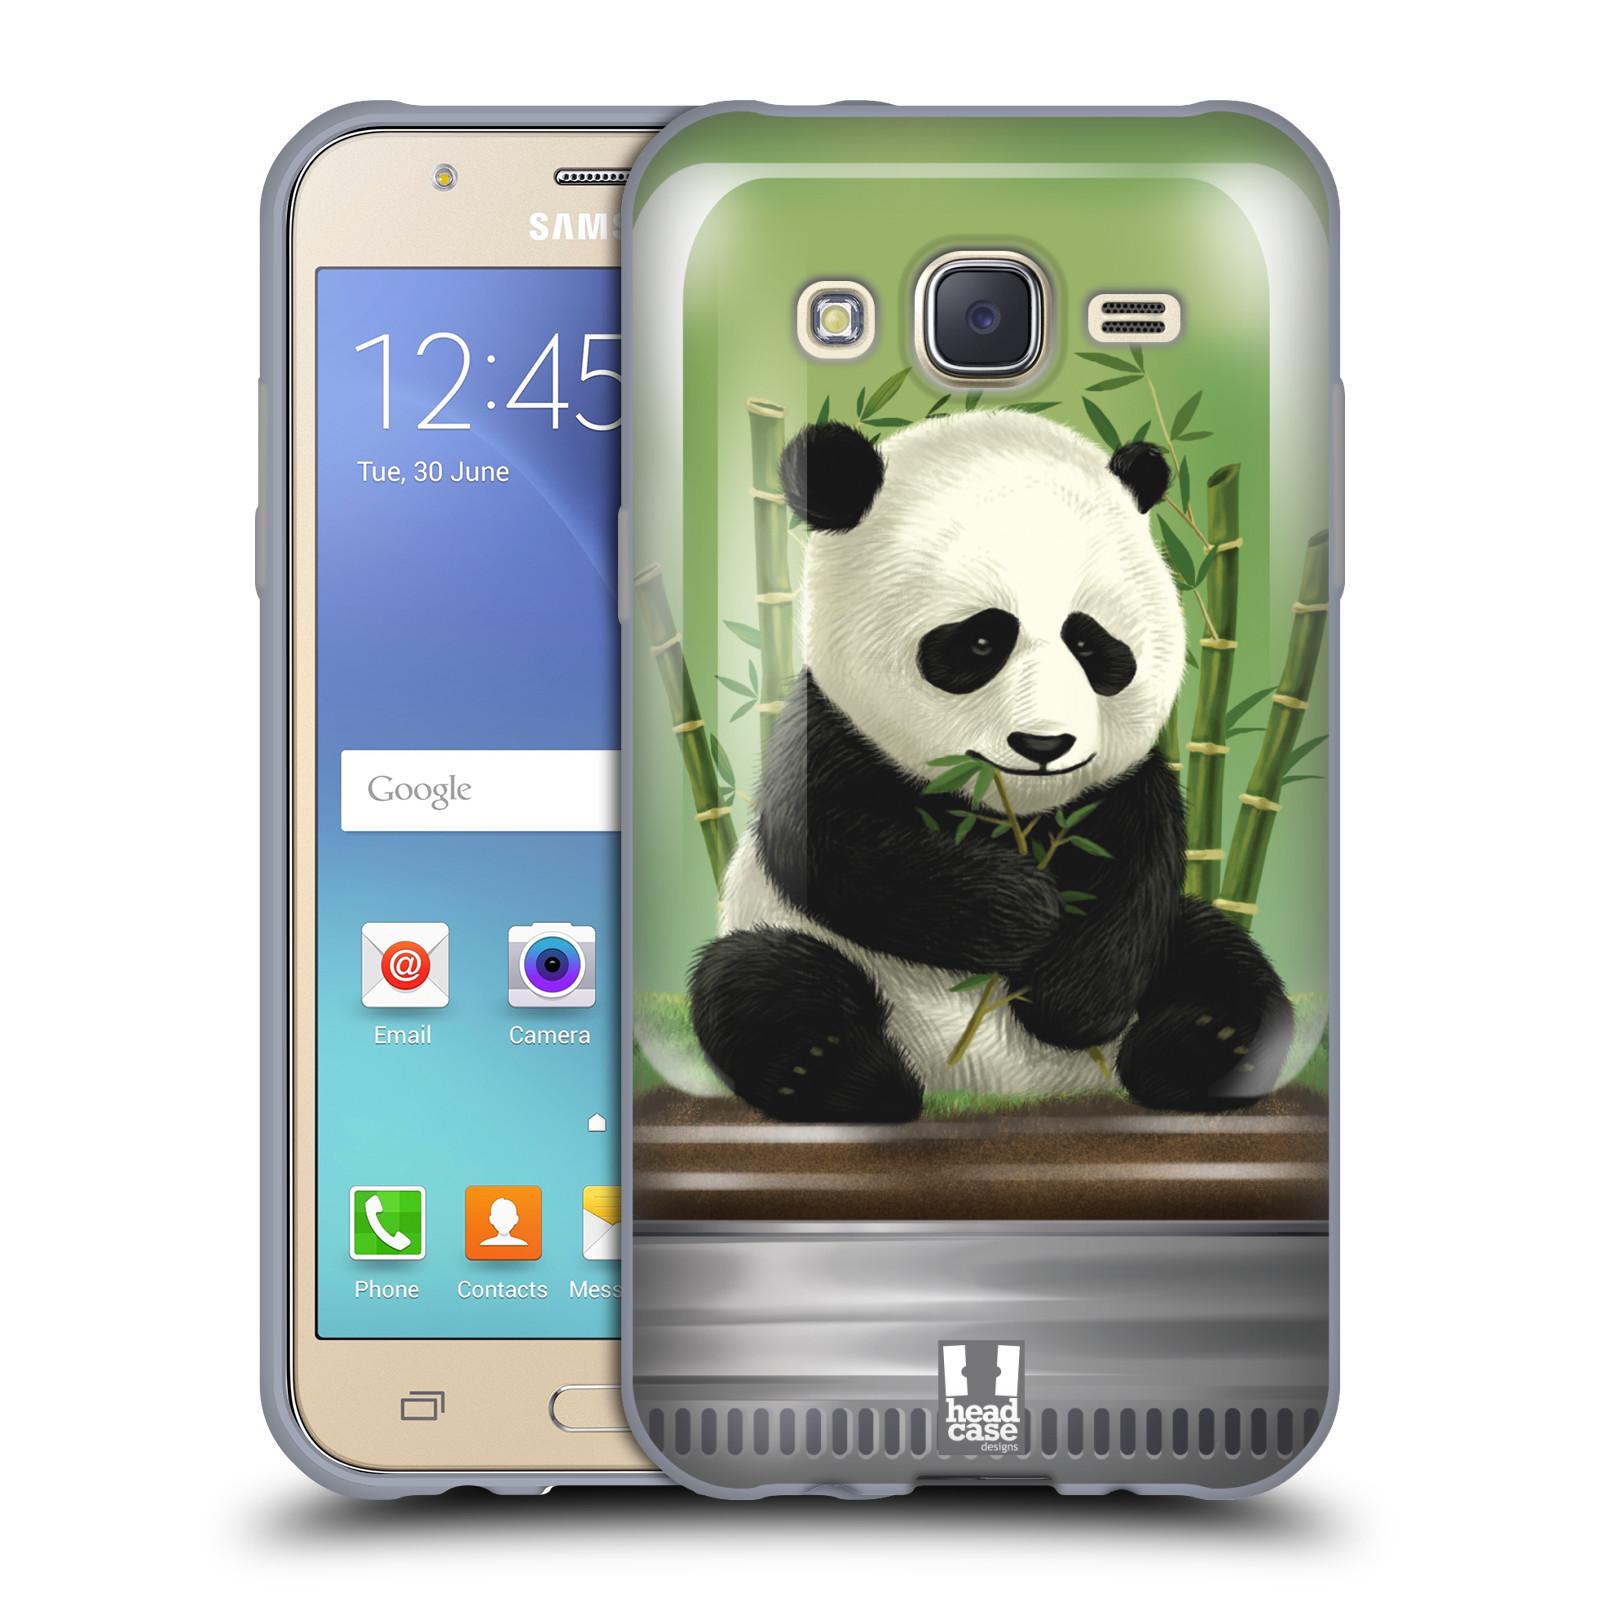 HEAD CASE silikonový obal na mobil Samsung Galaxy J5, J500, (J5 DUOS) vzor Zvířátka v těžítku panda